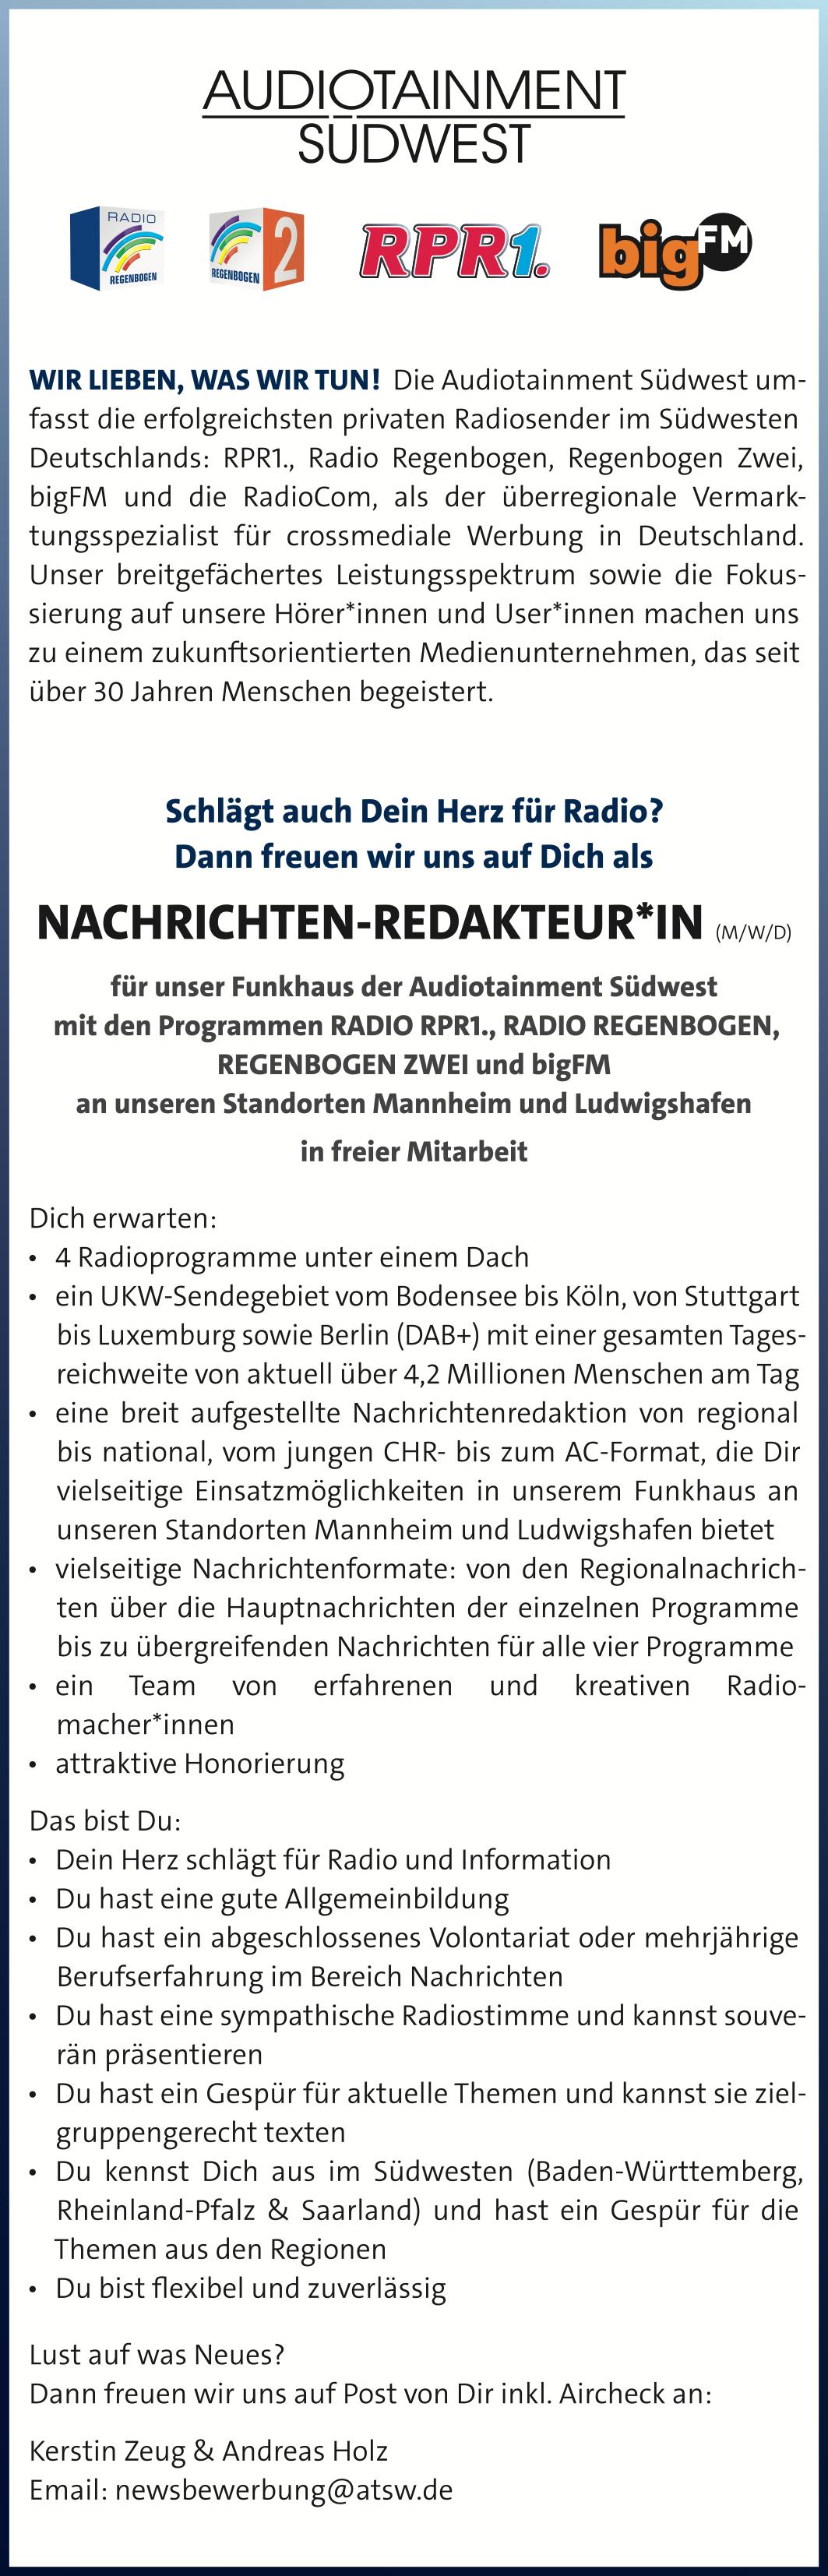 Audiotainment Südwest sucht Nachrichten-Redakteur*in (m/w/d)